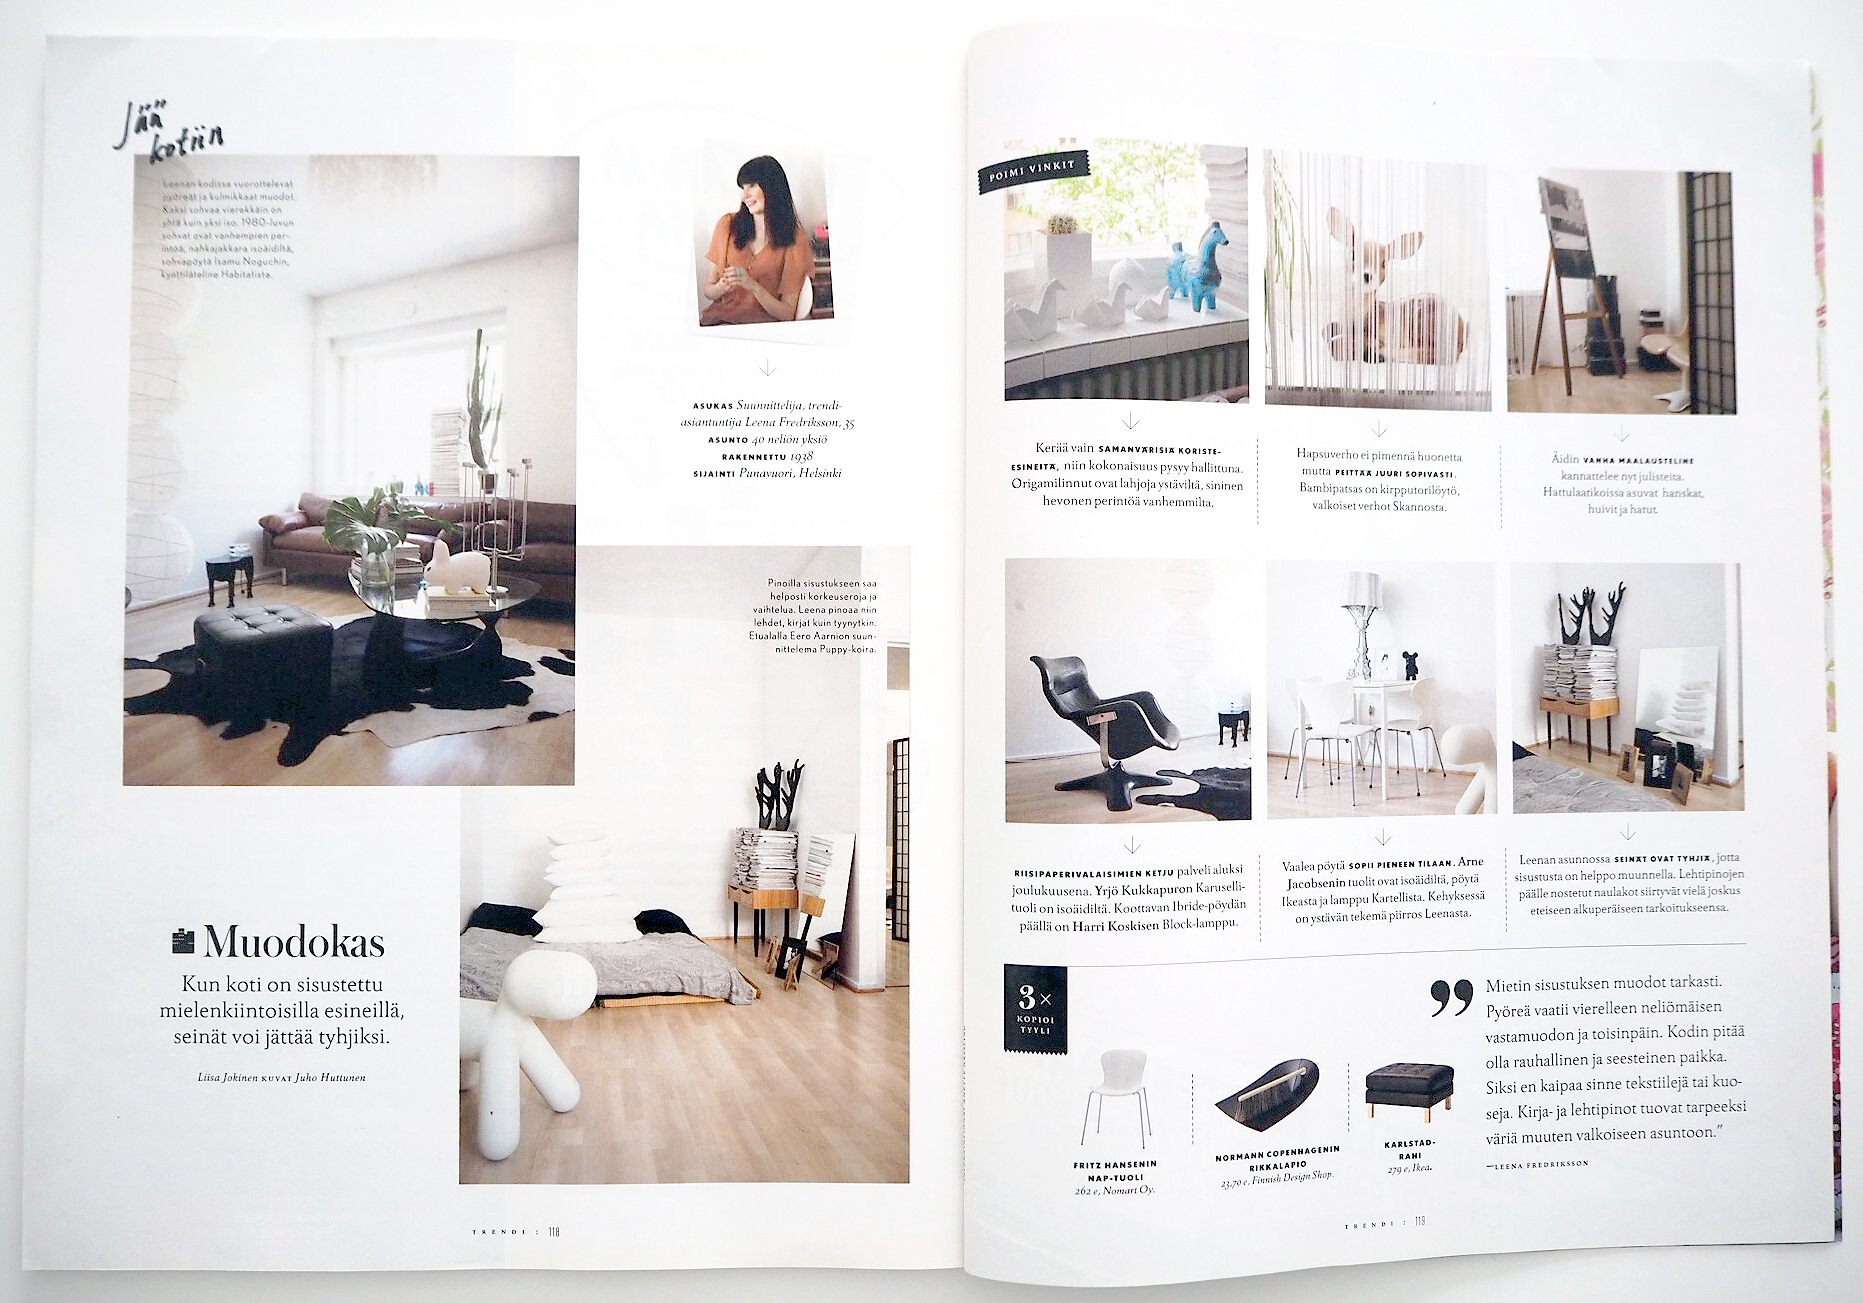 TRENDI Magazine 09 / 2011 Photos: Anna Riikonen, text: Liisa Jokinen